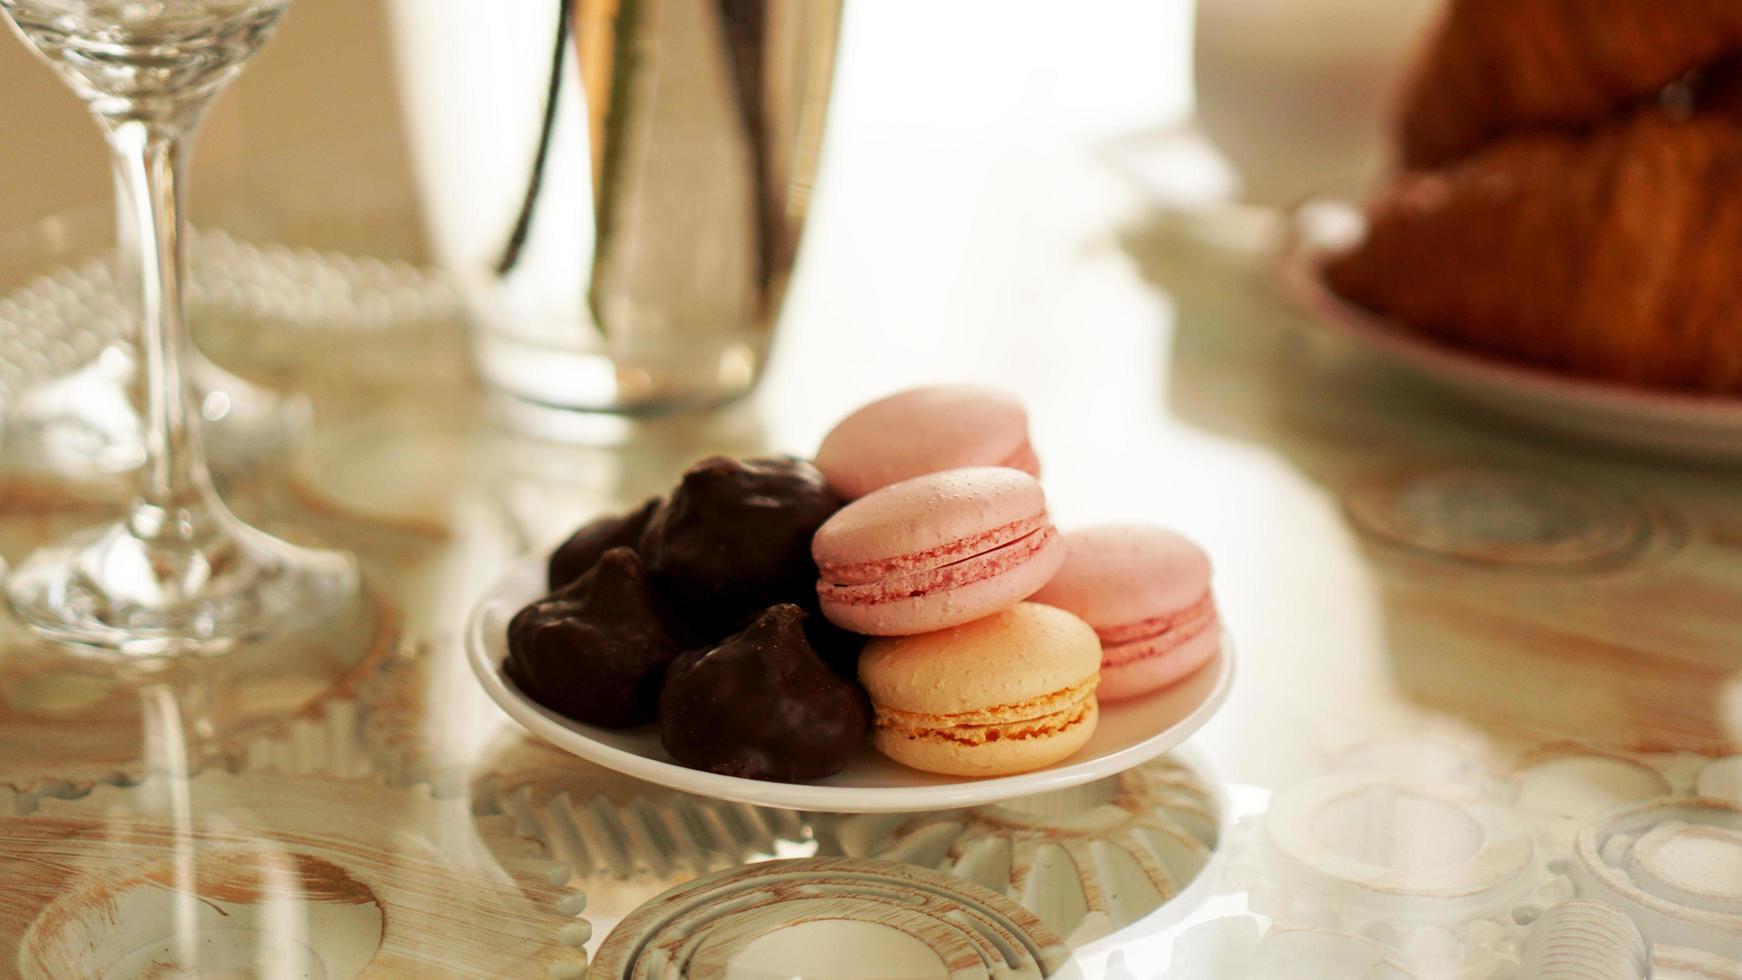 bitterkoekjes op een glazen tafel. snoepjes voor het ontbijt. zonnige foto